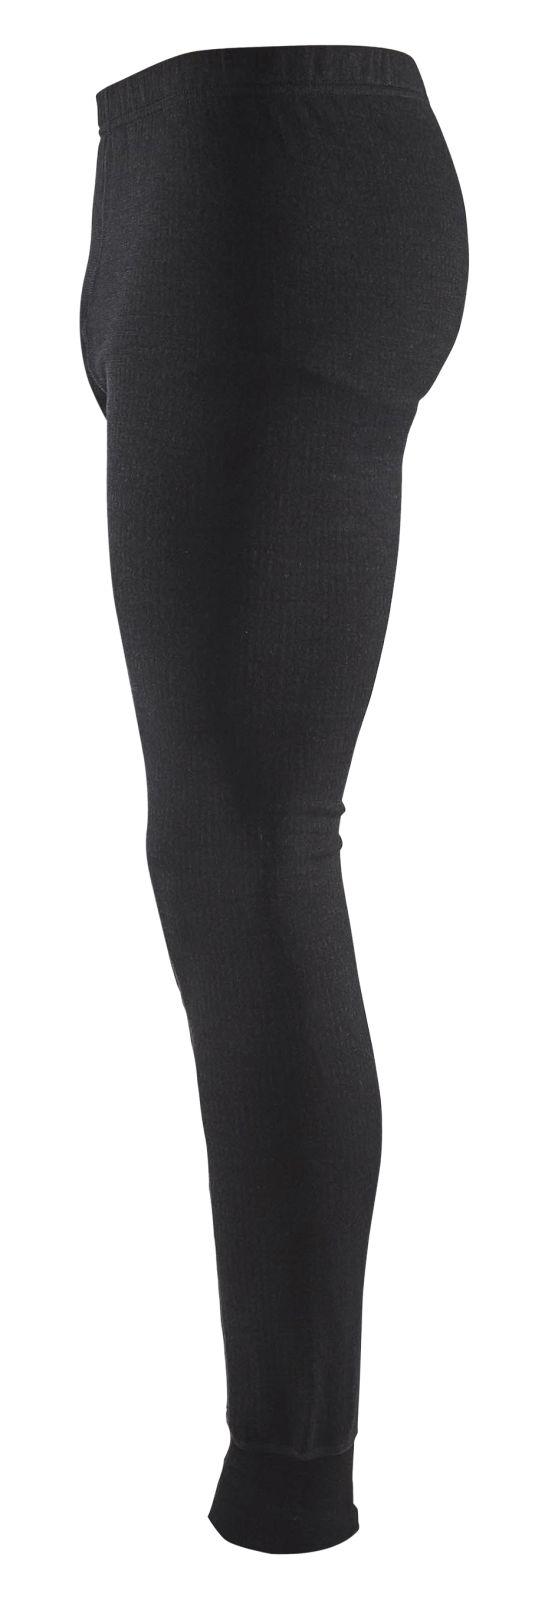 Blaklader Lange onderbroeken 18941706 zwart(9900)